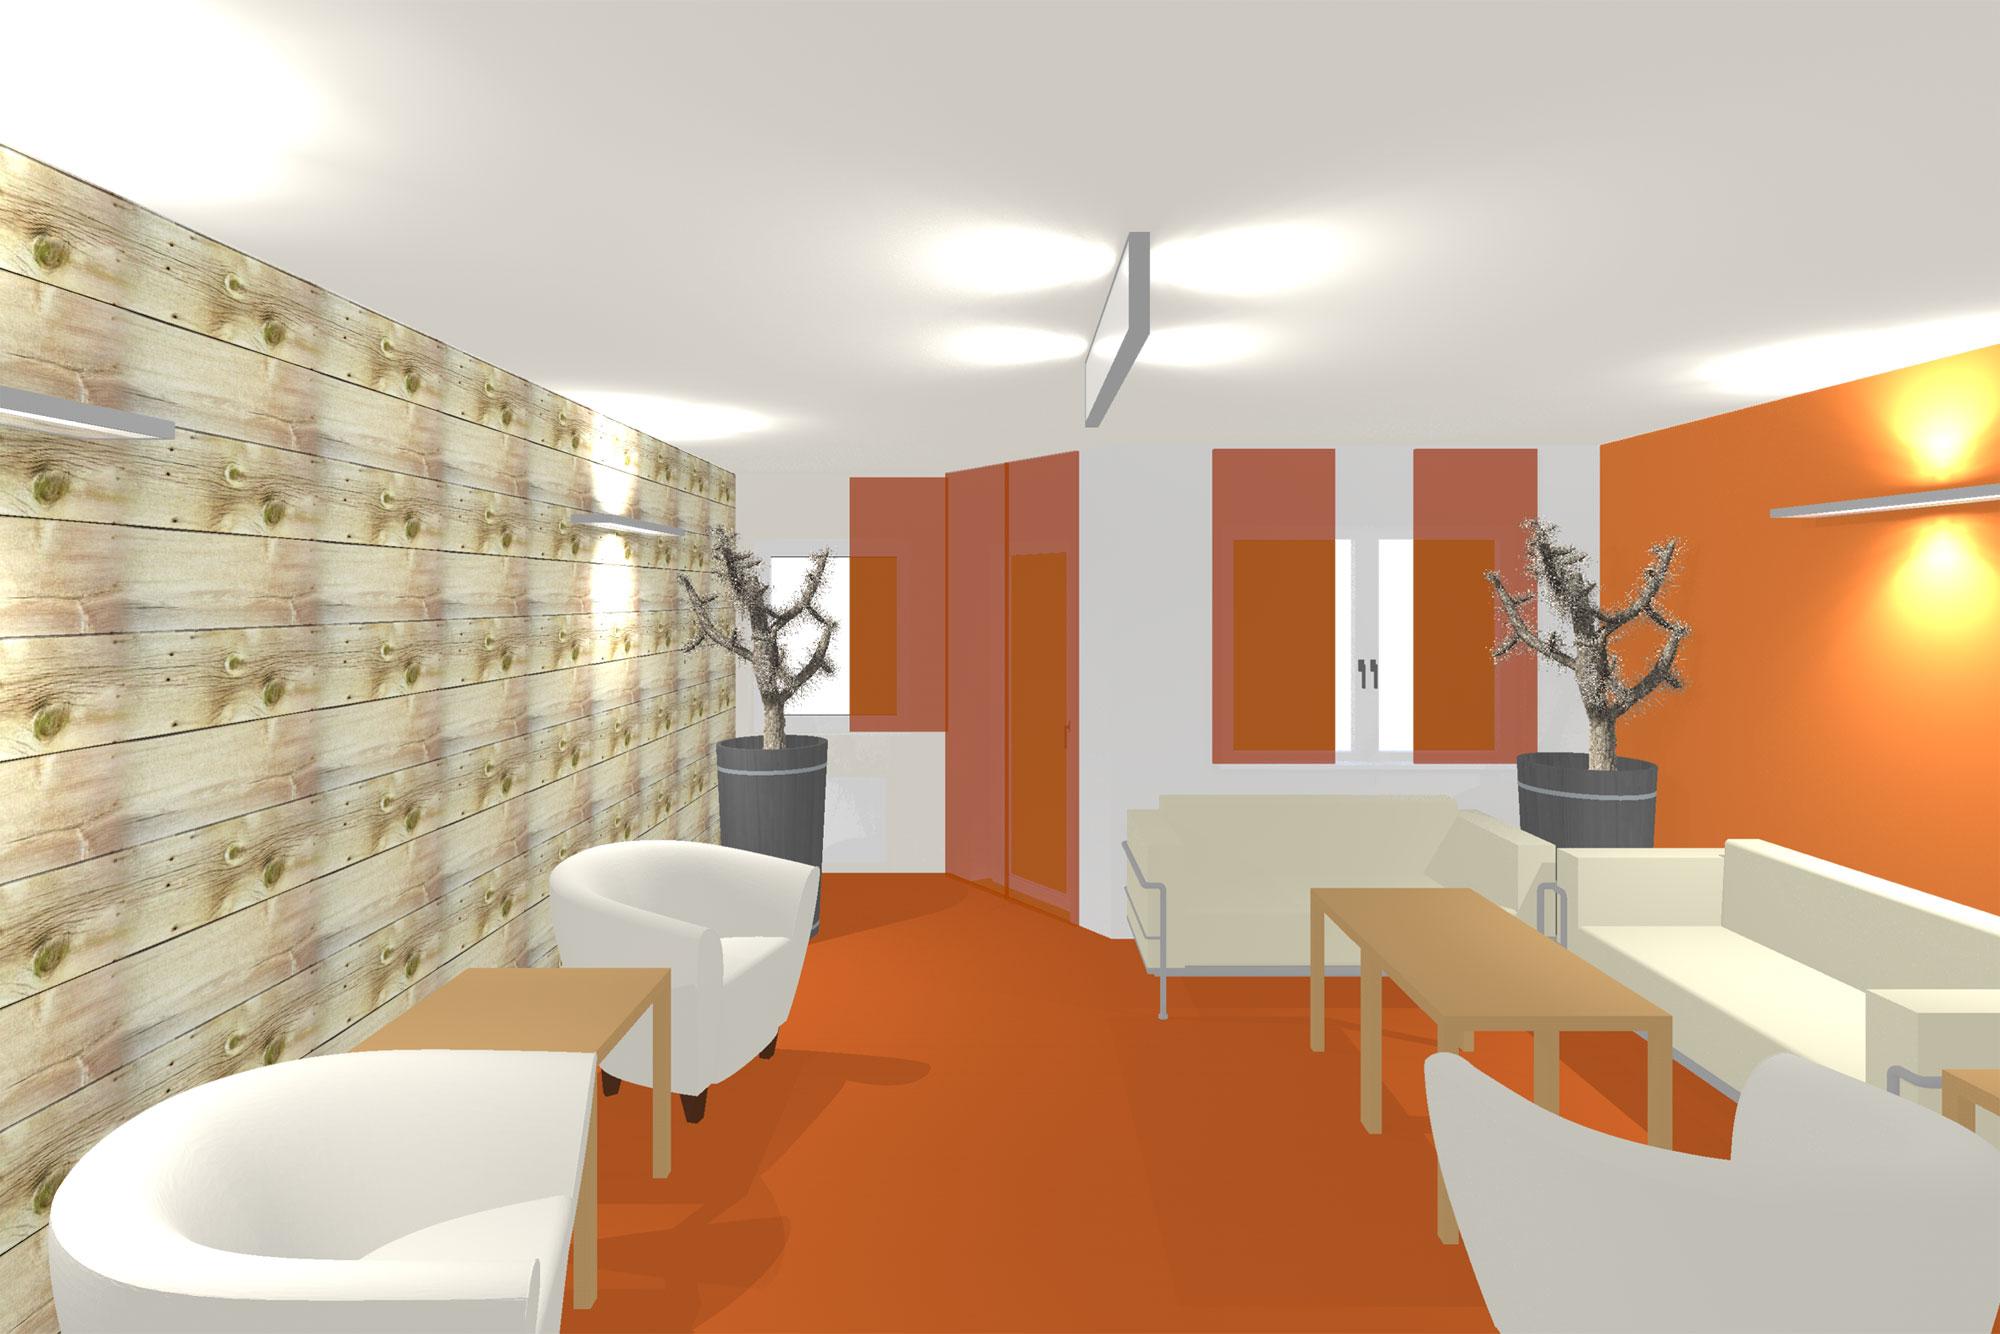 Neugestaltung eines seniorenheims gross innenarchitektur for Innenarchitektur vorher nachher